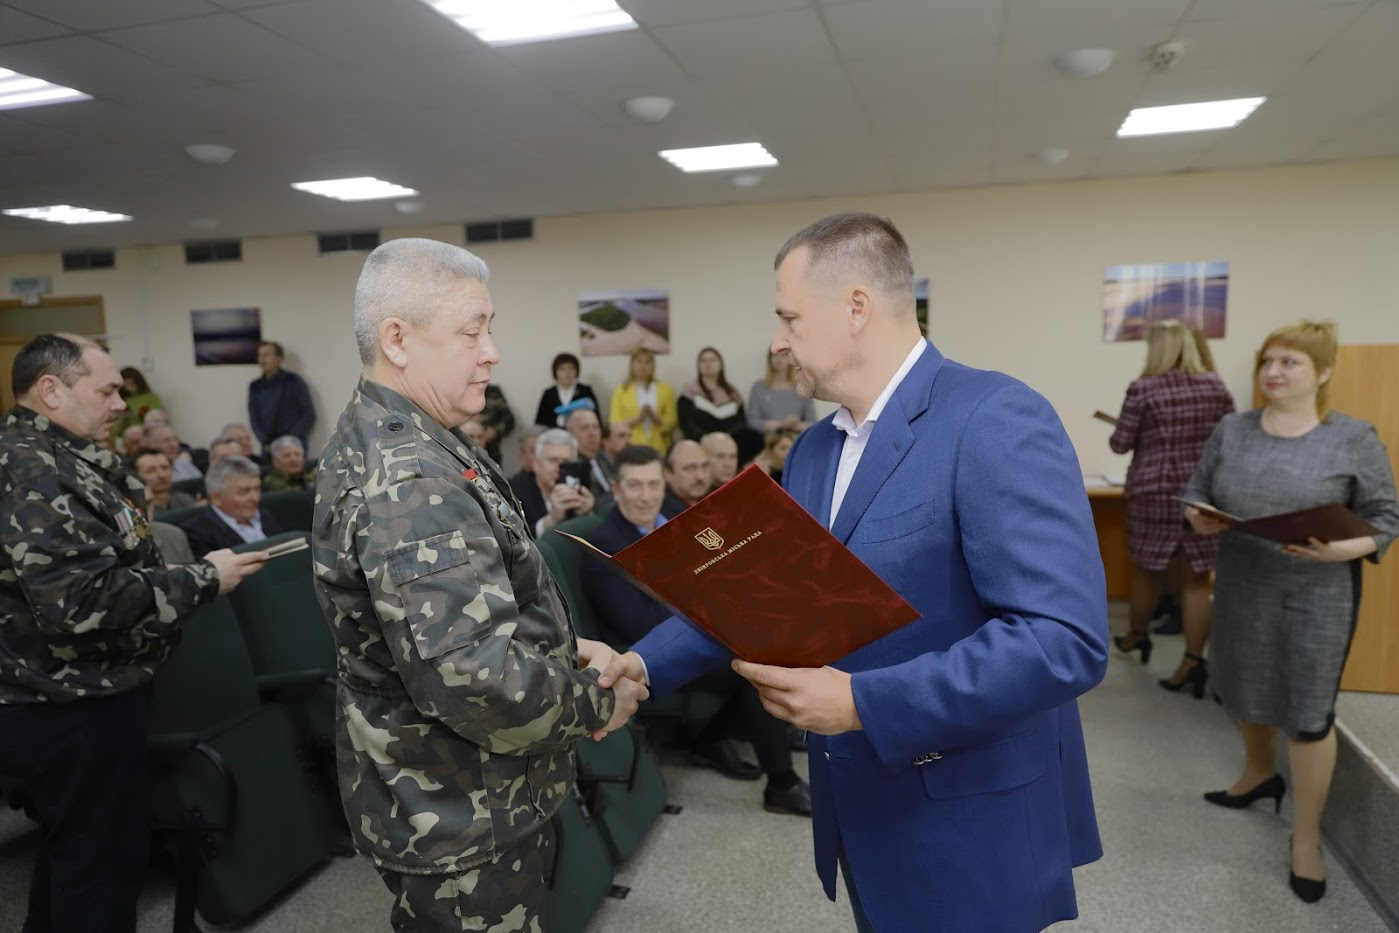 Борис Филатов объявил о выделении помещения для Союза ветеранов Афганистана в Днепре